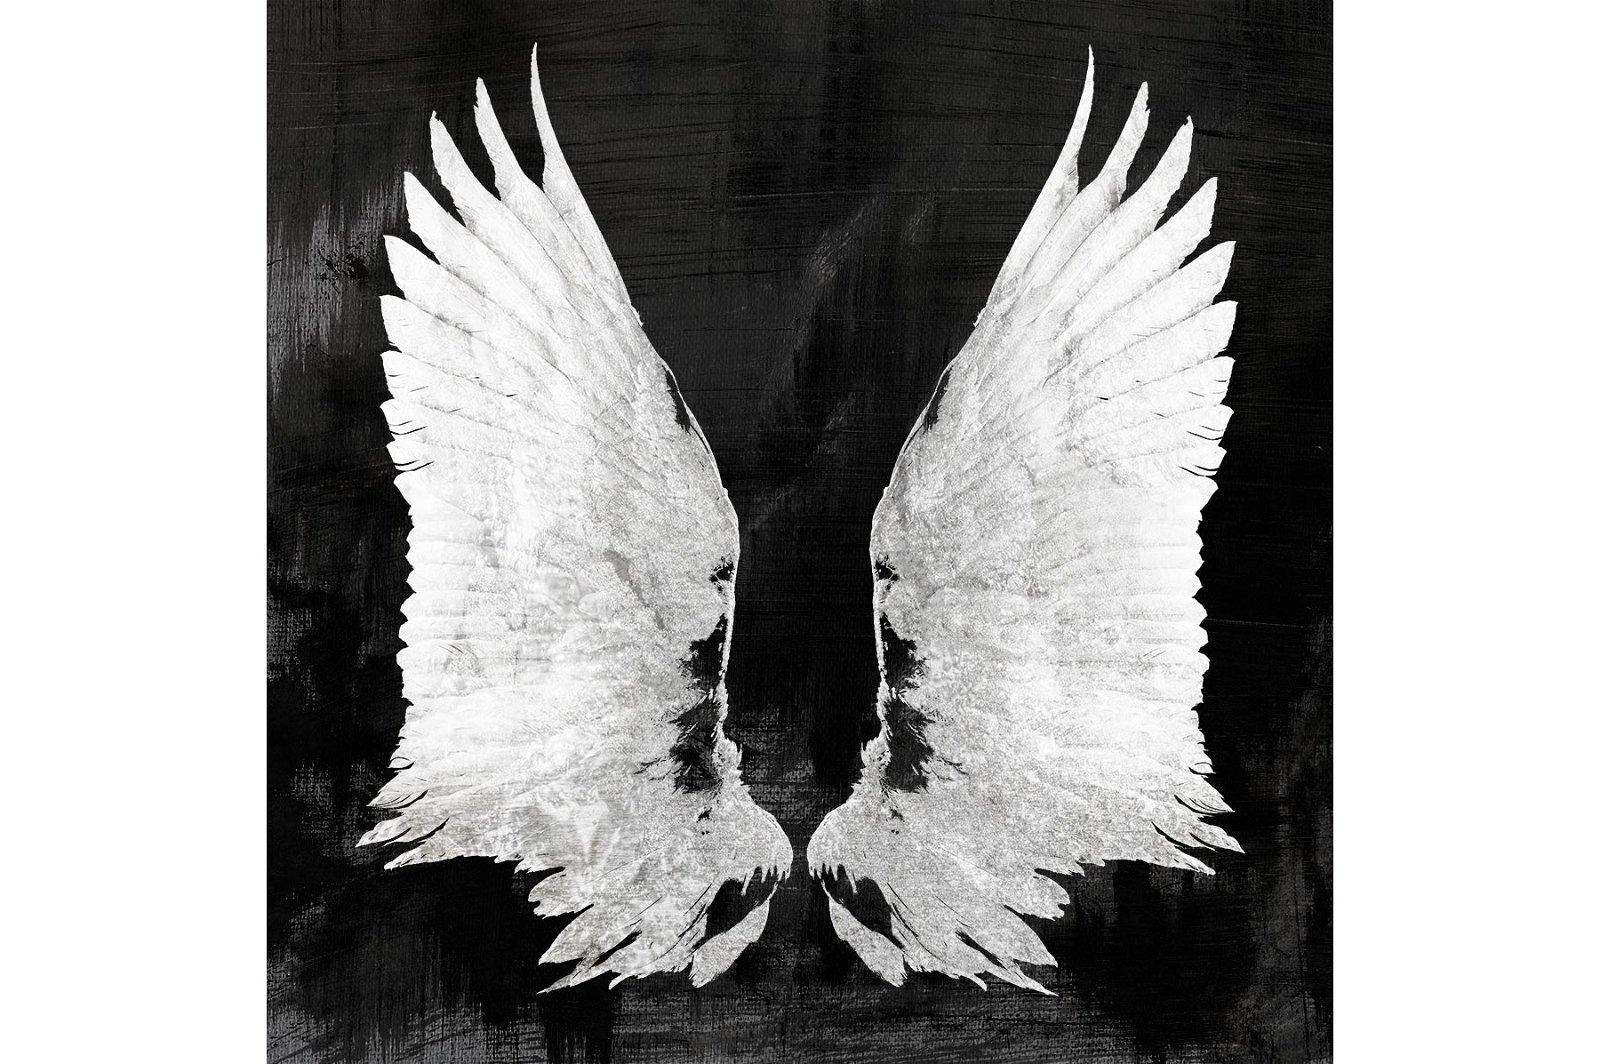 Lienzo serigrafiado Wings negro